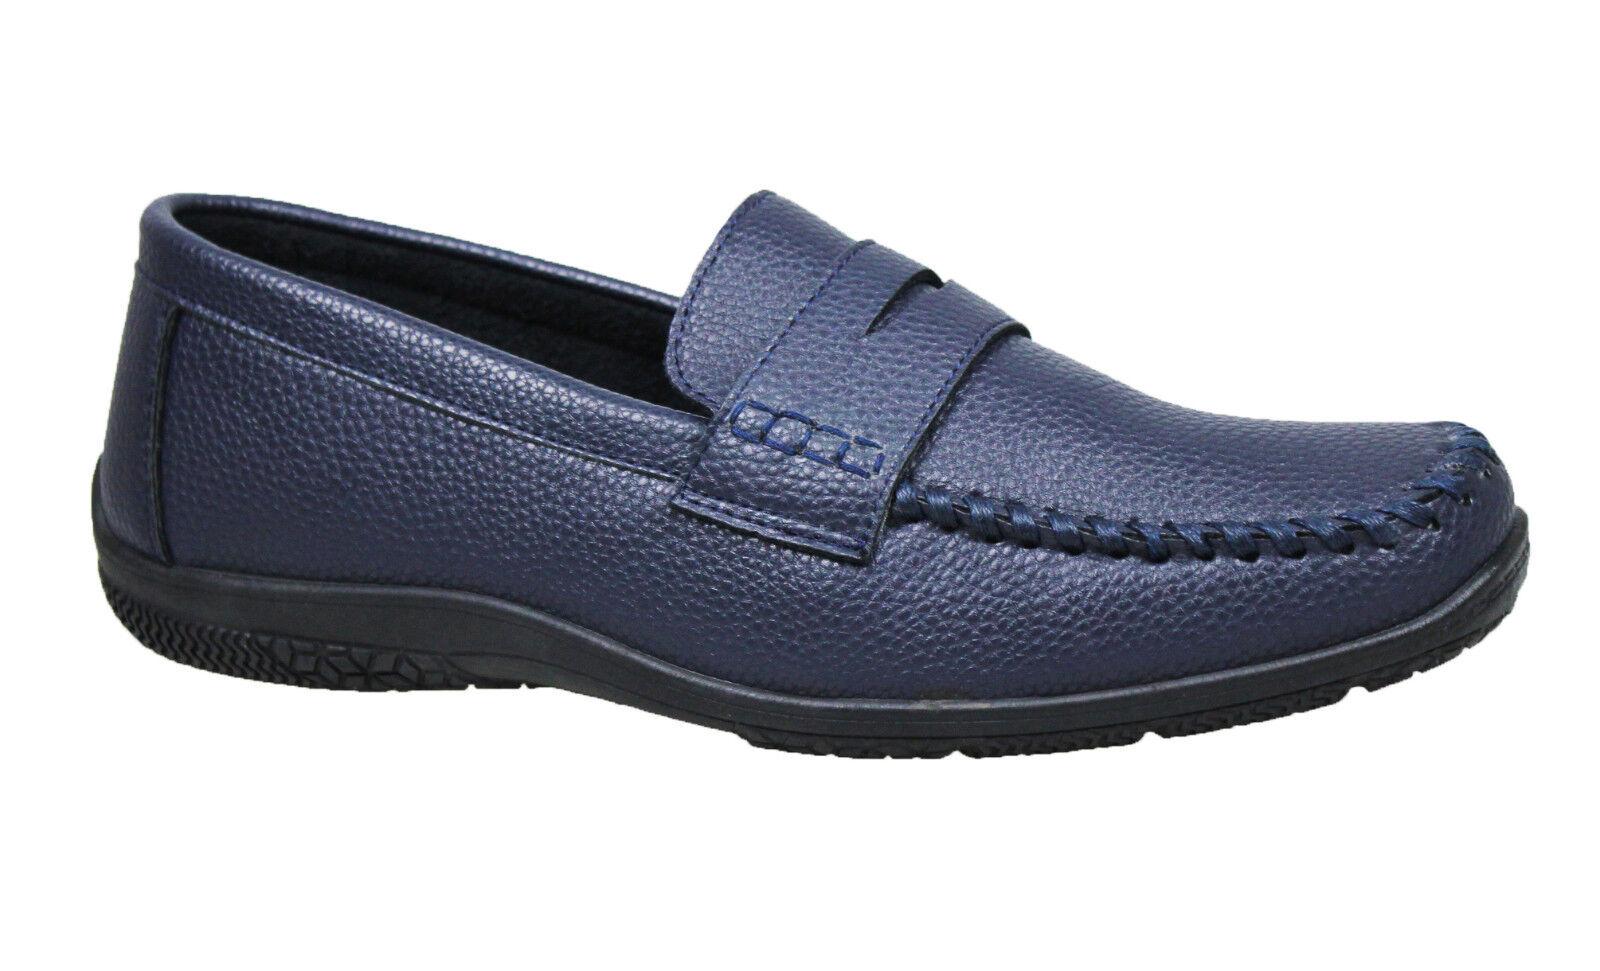 Mokassins Herren Blau Casual Elegant Schuhe Schuhe Schuhe aus Weich Ökoleder